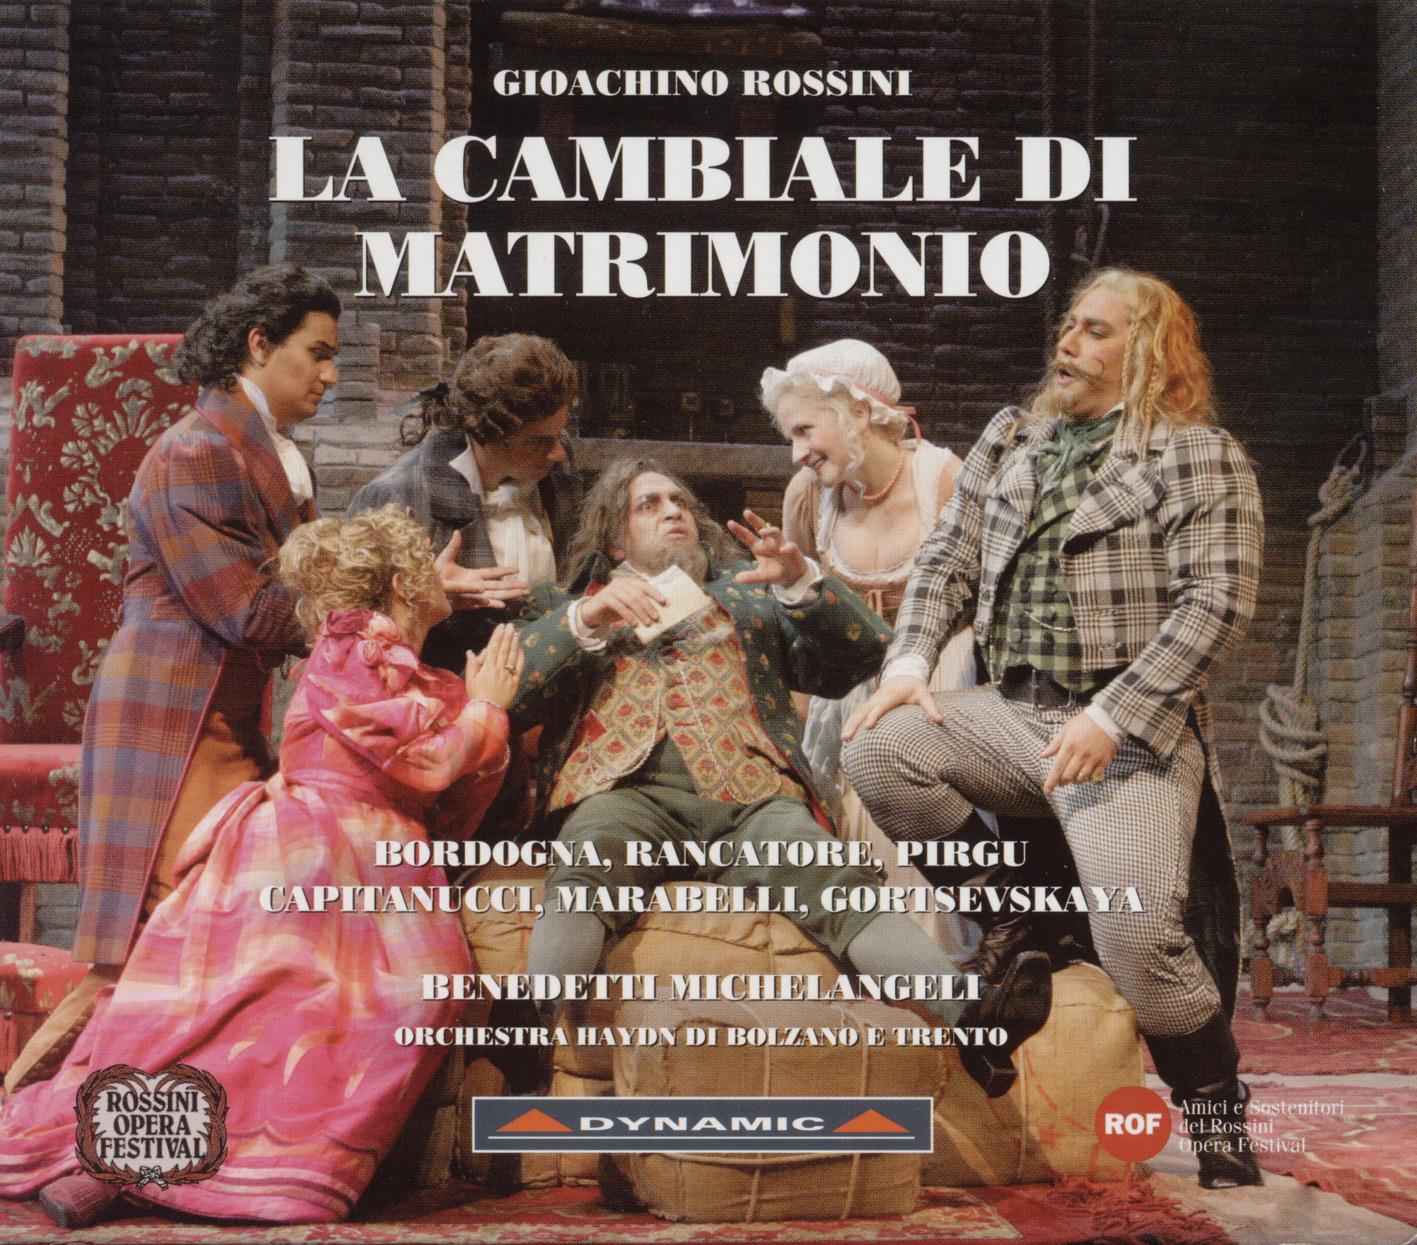 Rossini: Cambiale Di Matrimonio (La)